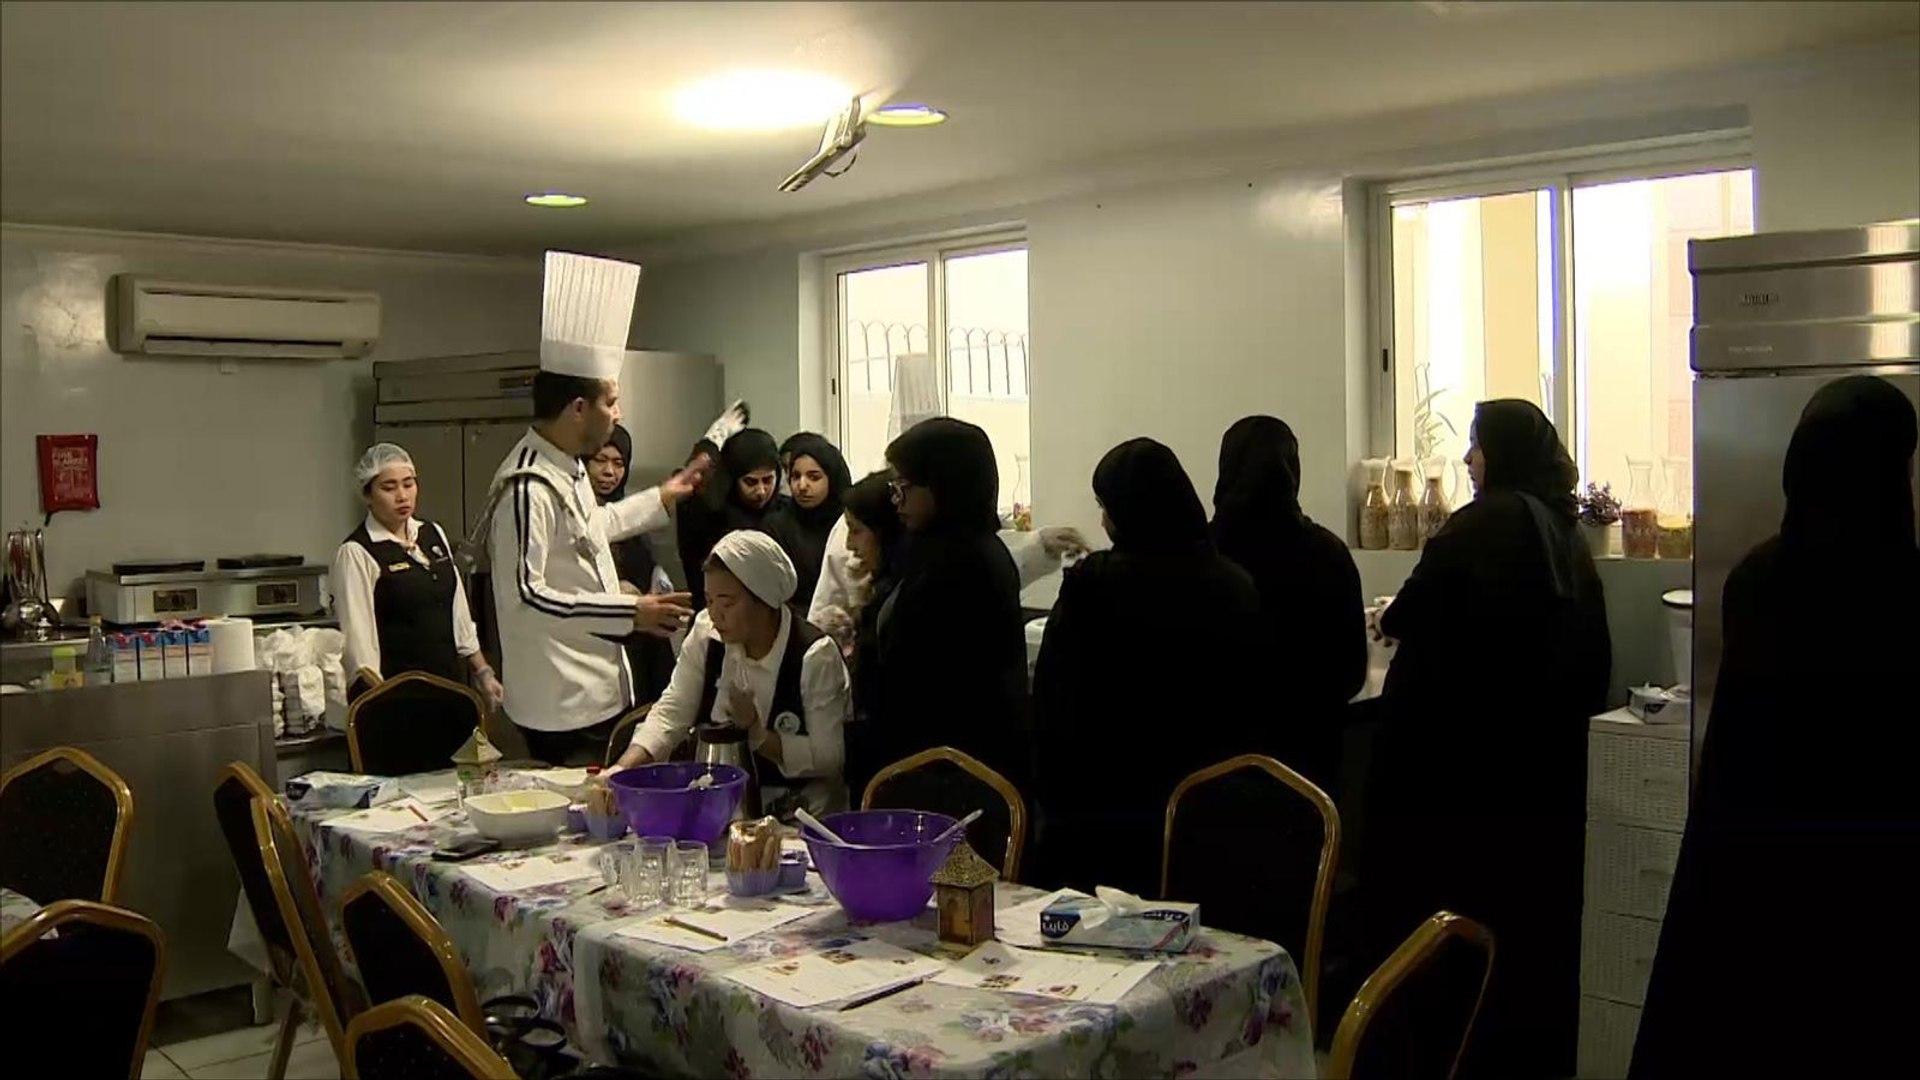 هذا الصباح-دورات متخصصة لتعليم الفتيات فنون الطبخ